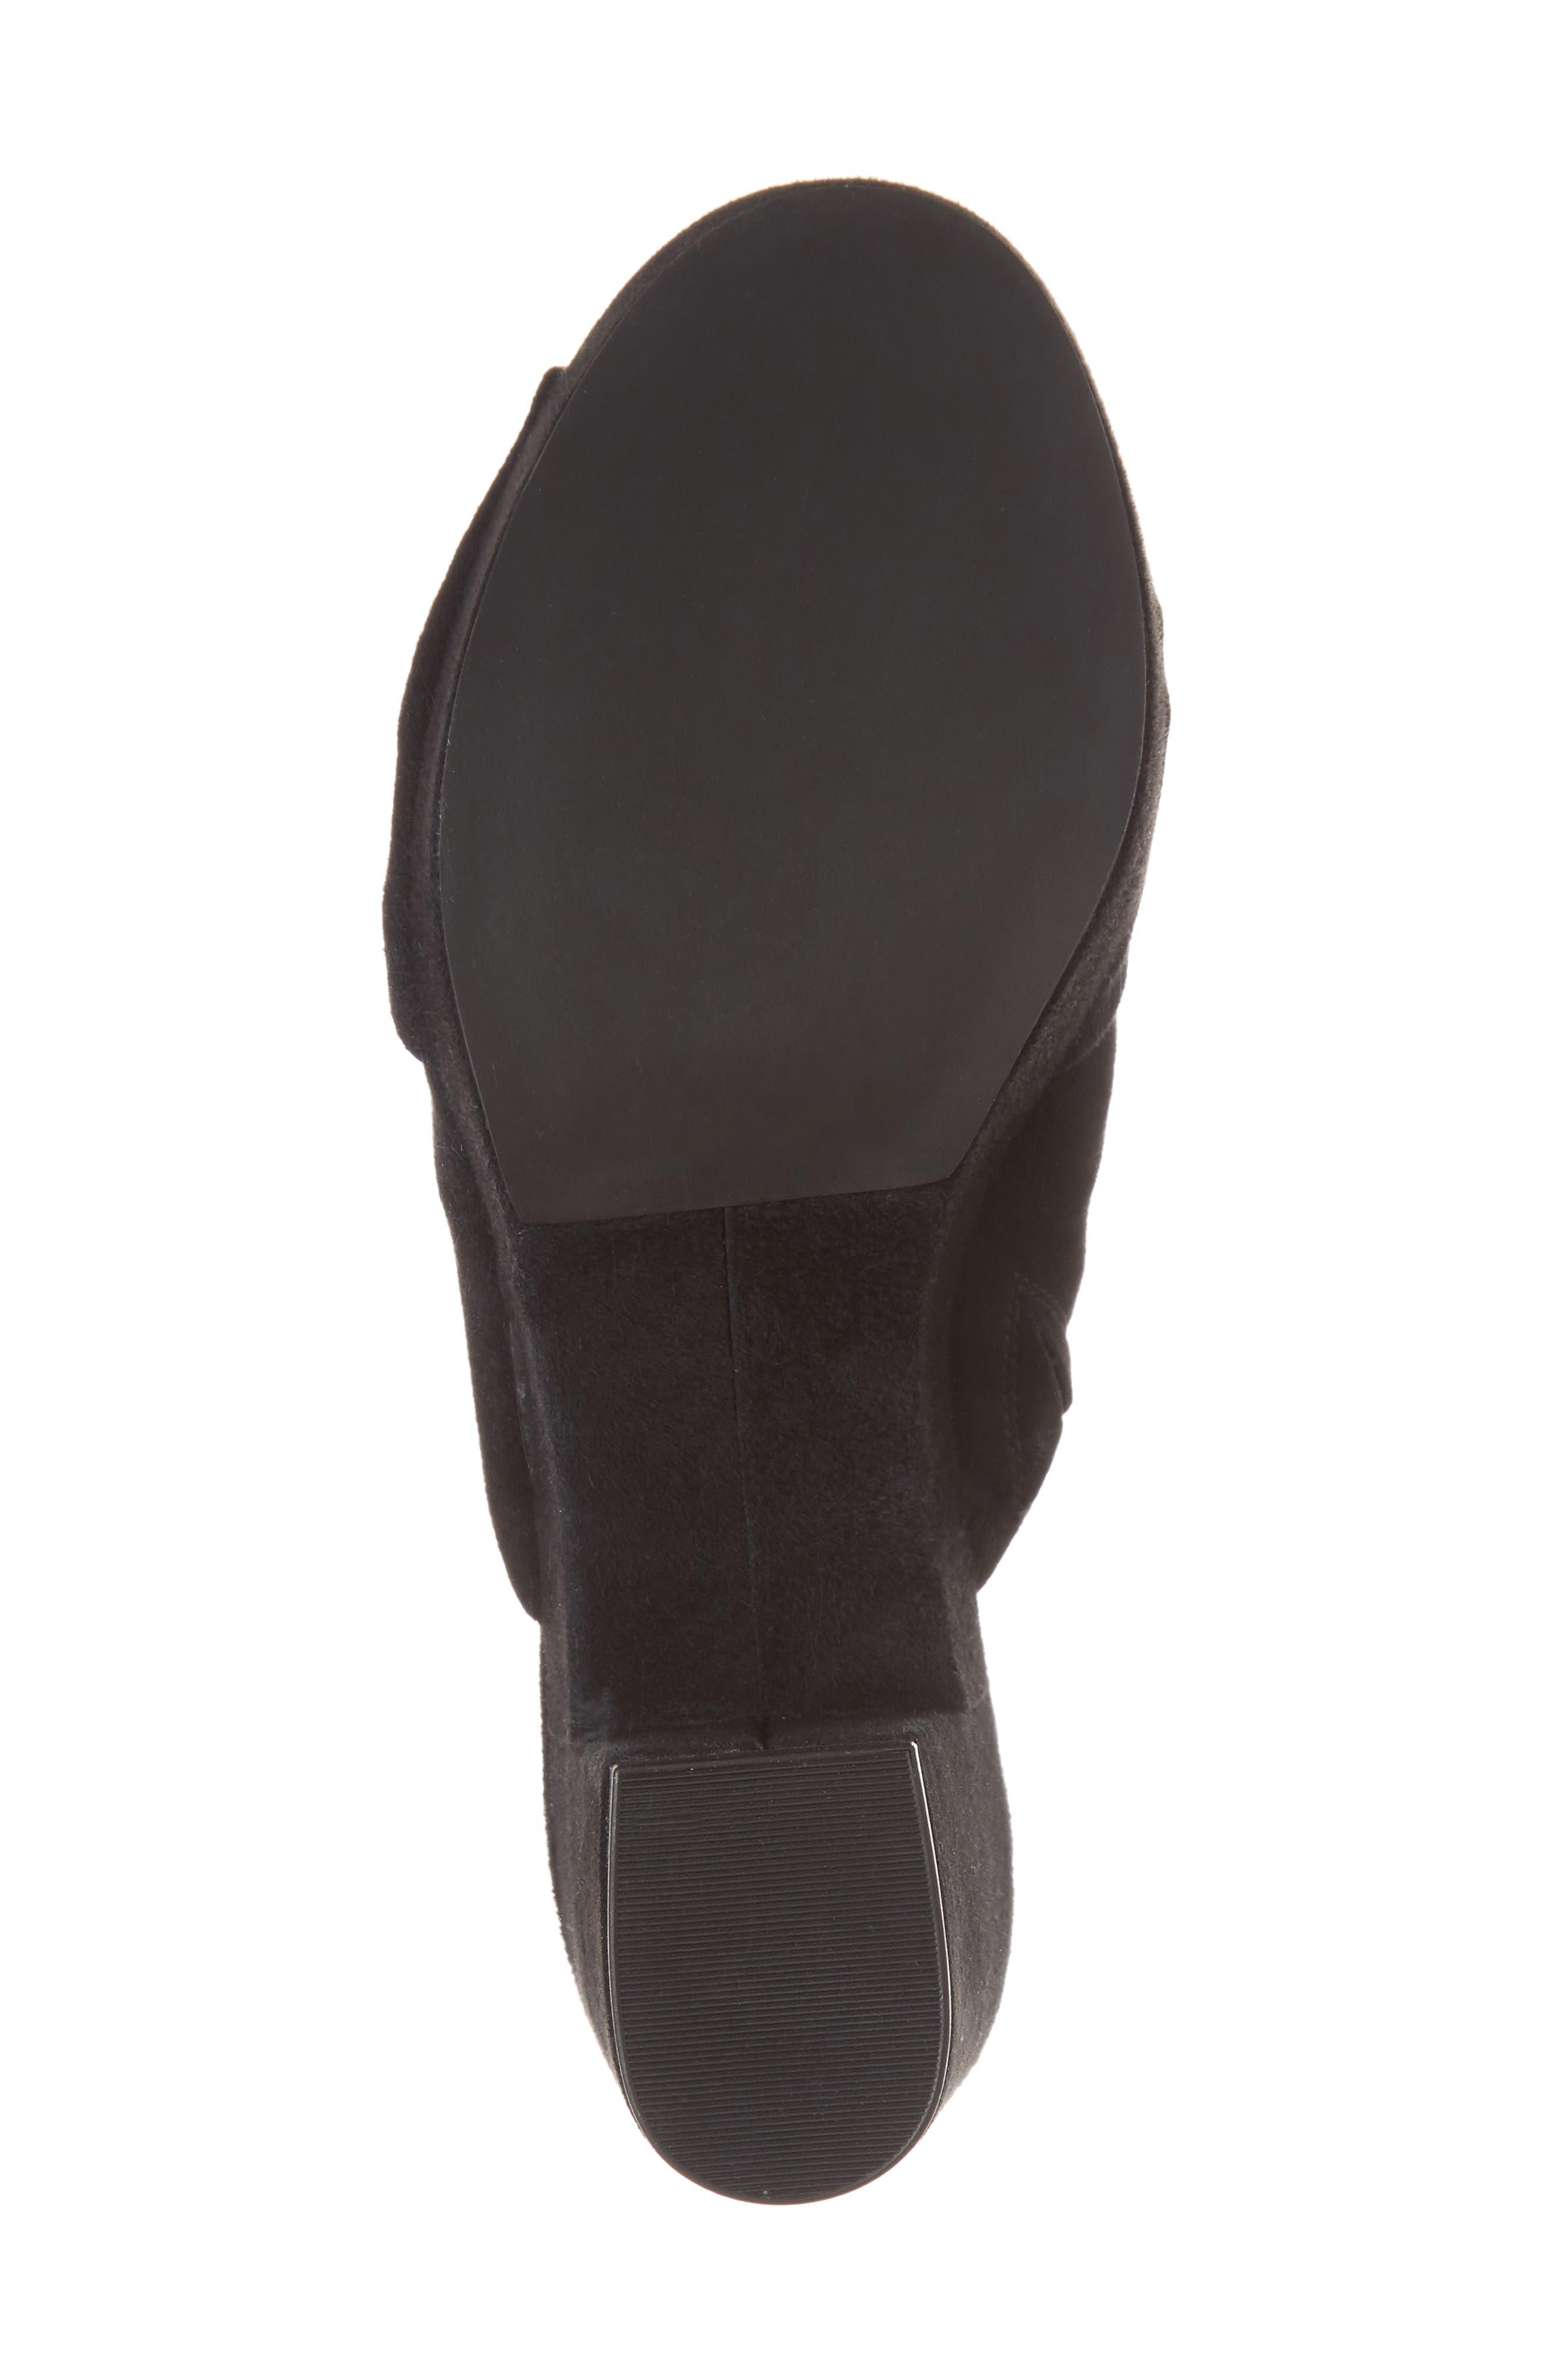 Jaden Slide Sandal,                             Alternate thumbnail 6, color,                             Black Satin